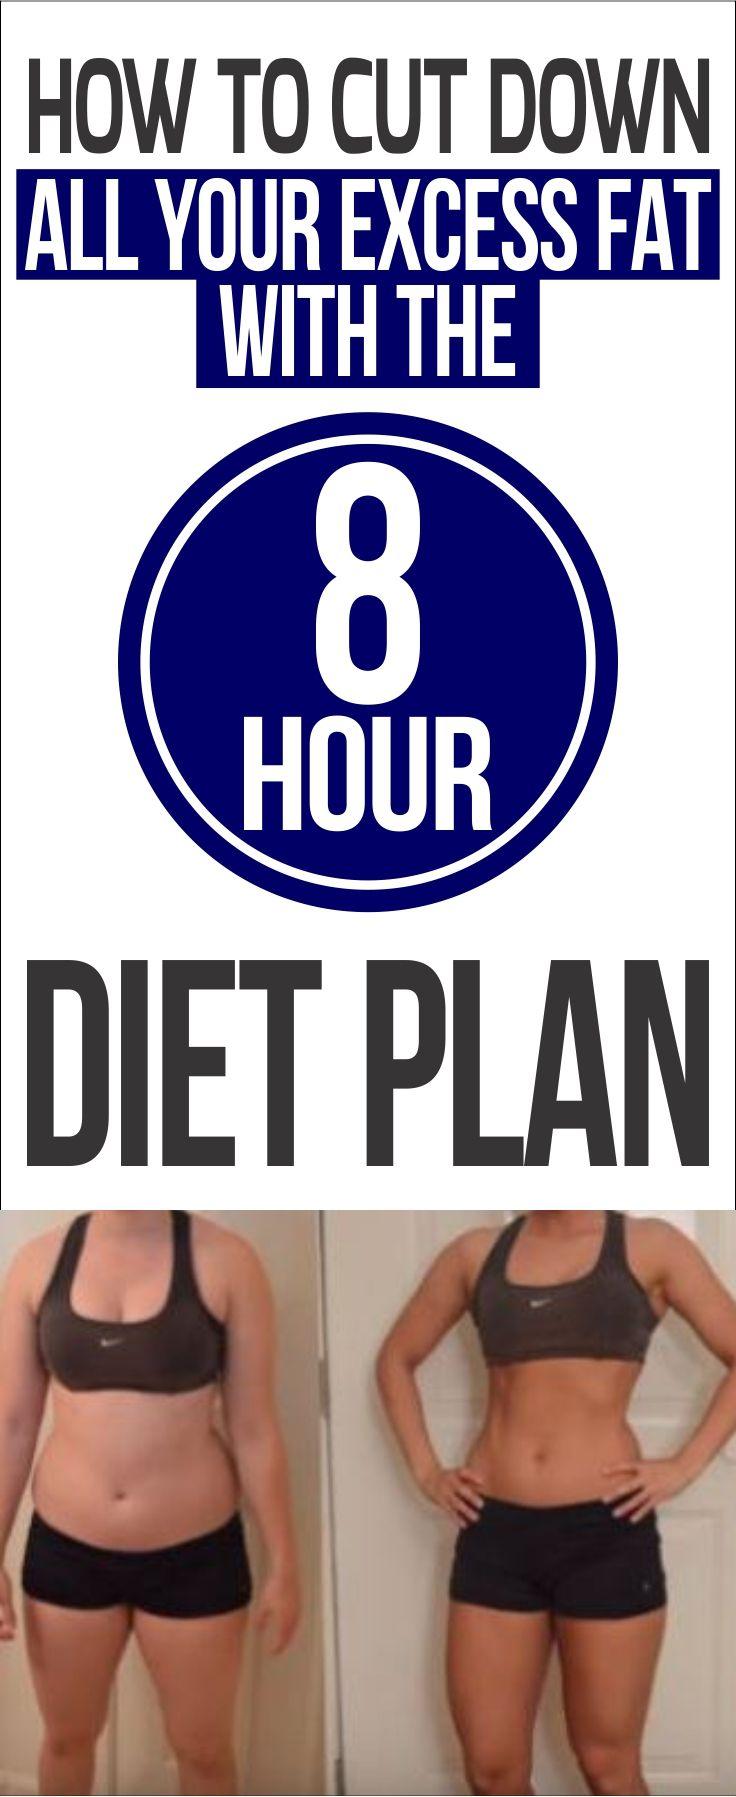 sonakshi sinha weight loss secrets